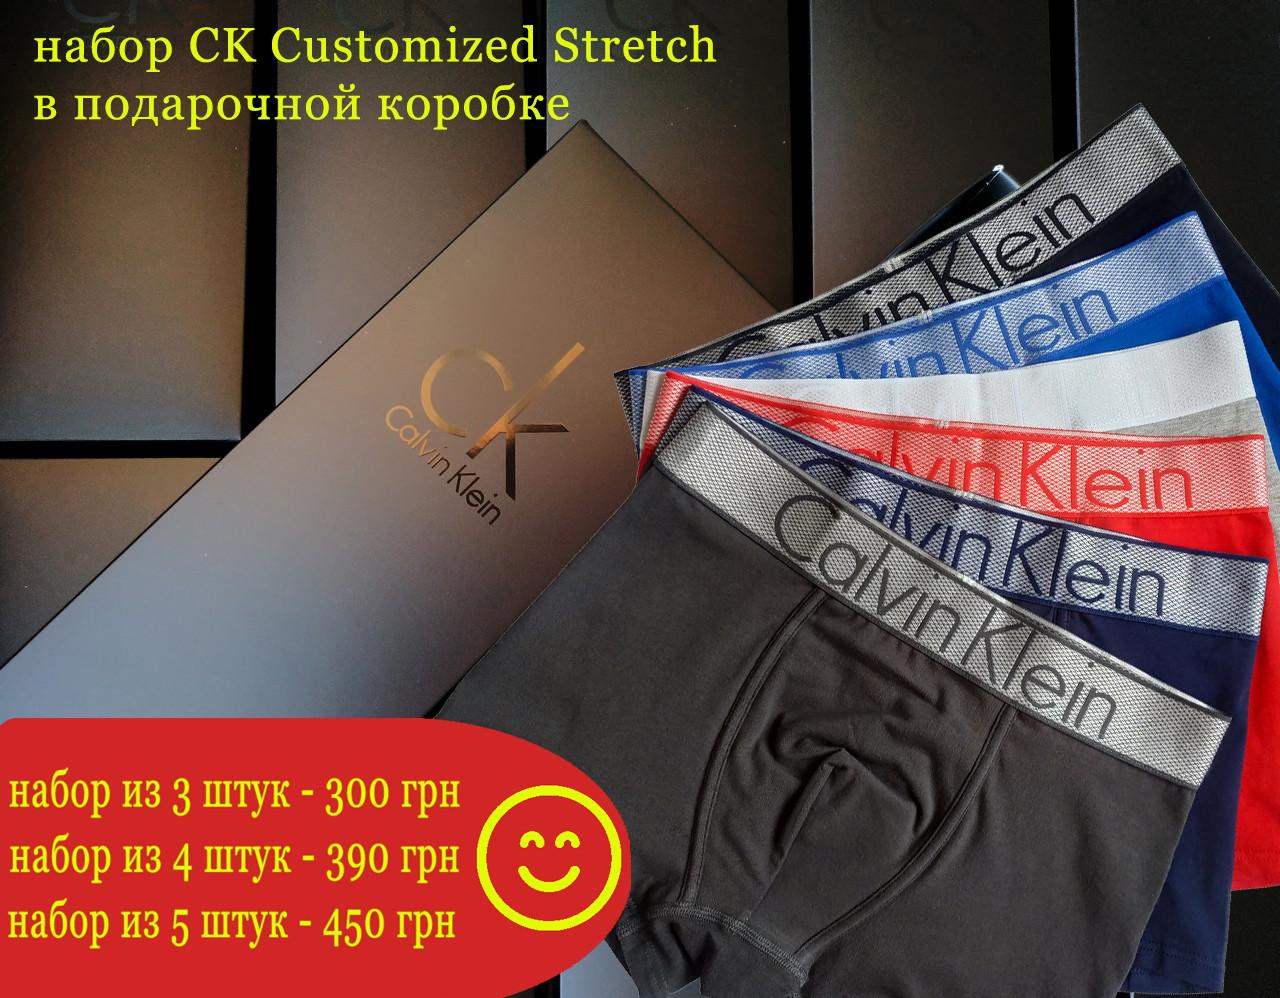 Набір чоловічі труси-боксери Сalvih Kleih Customized Stretch (репліка) в брендового подарунковій коробці